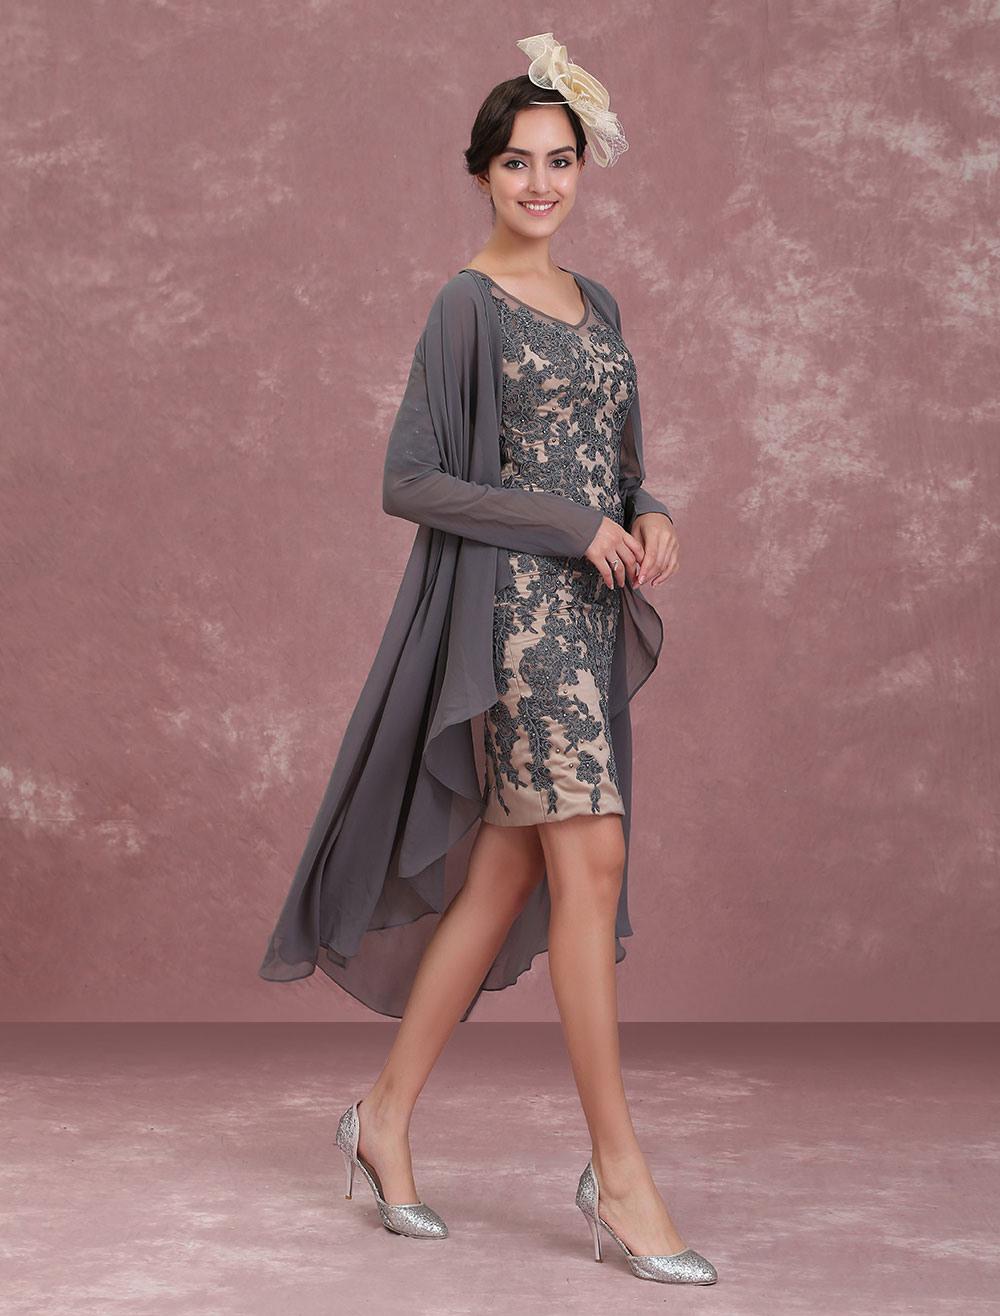 Kleid Mit Jacke Hochzeit  Stylische Kleider Für Jeden Tag